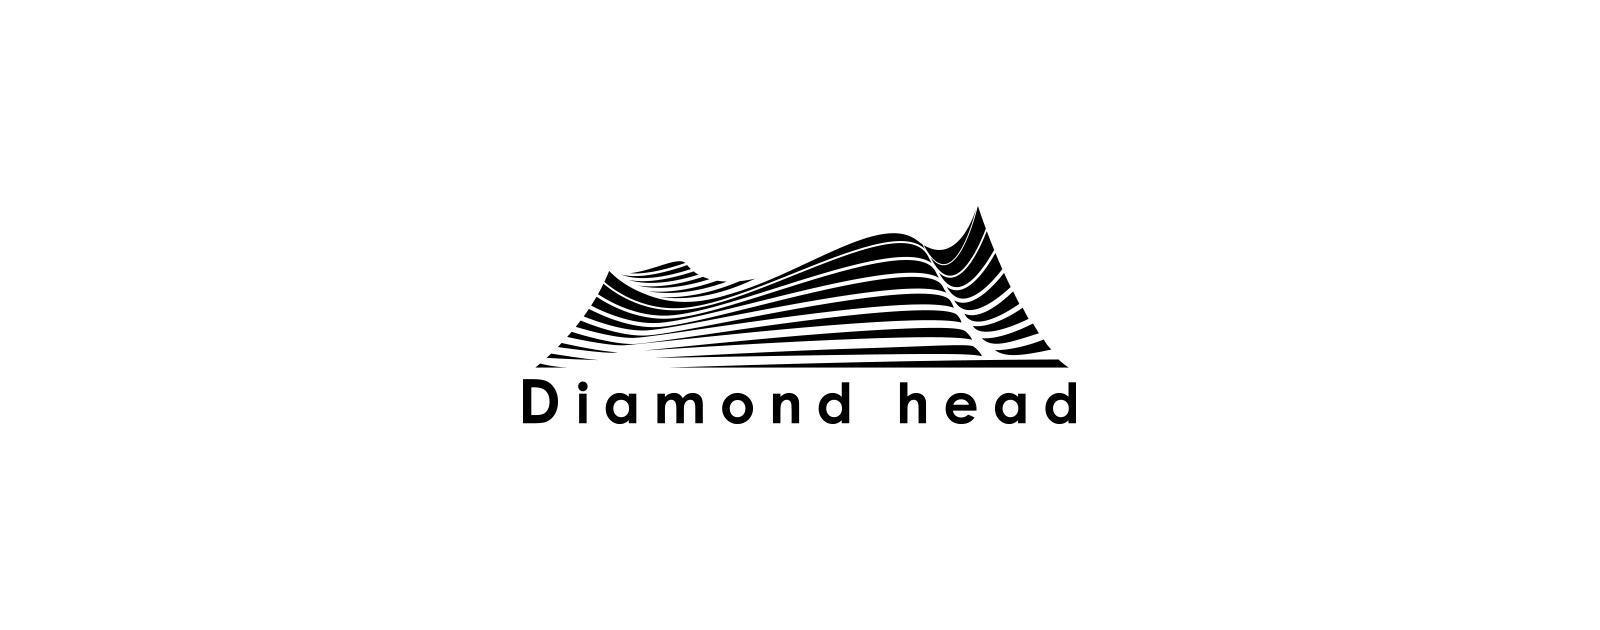 株式 ダイアモンド 会社 ヘッド